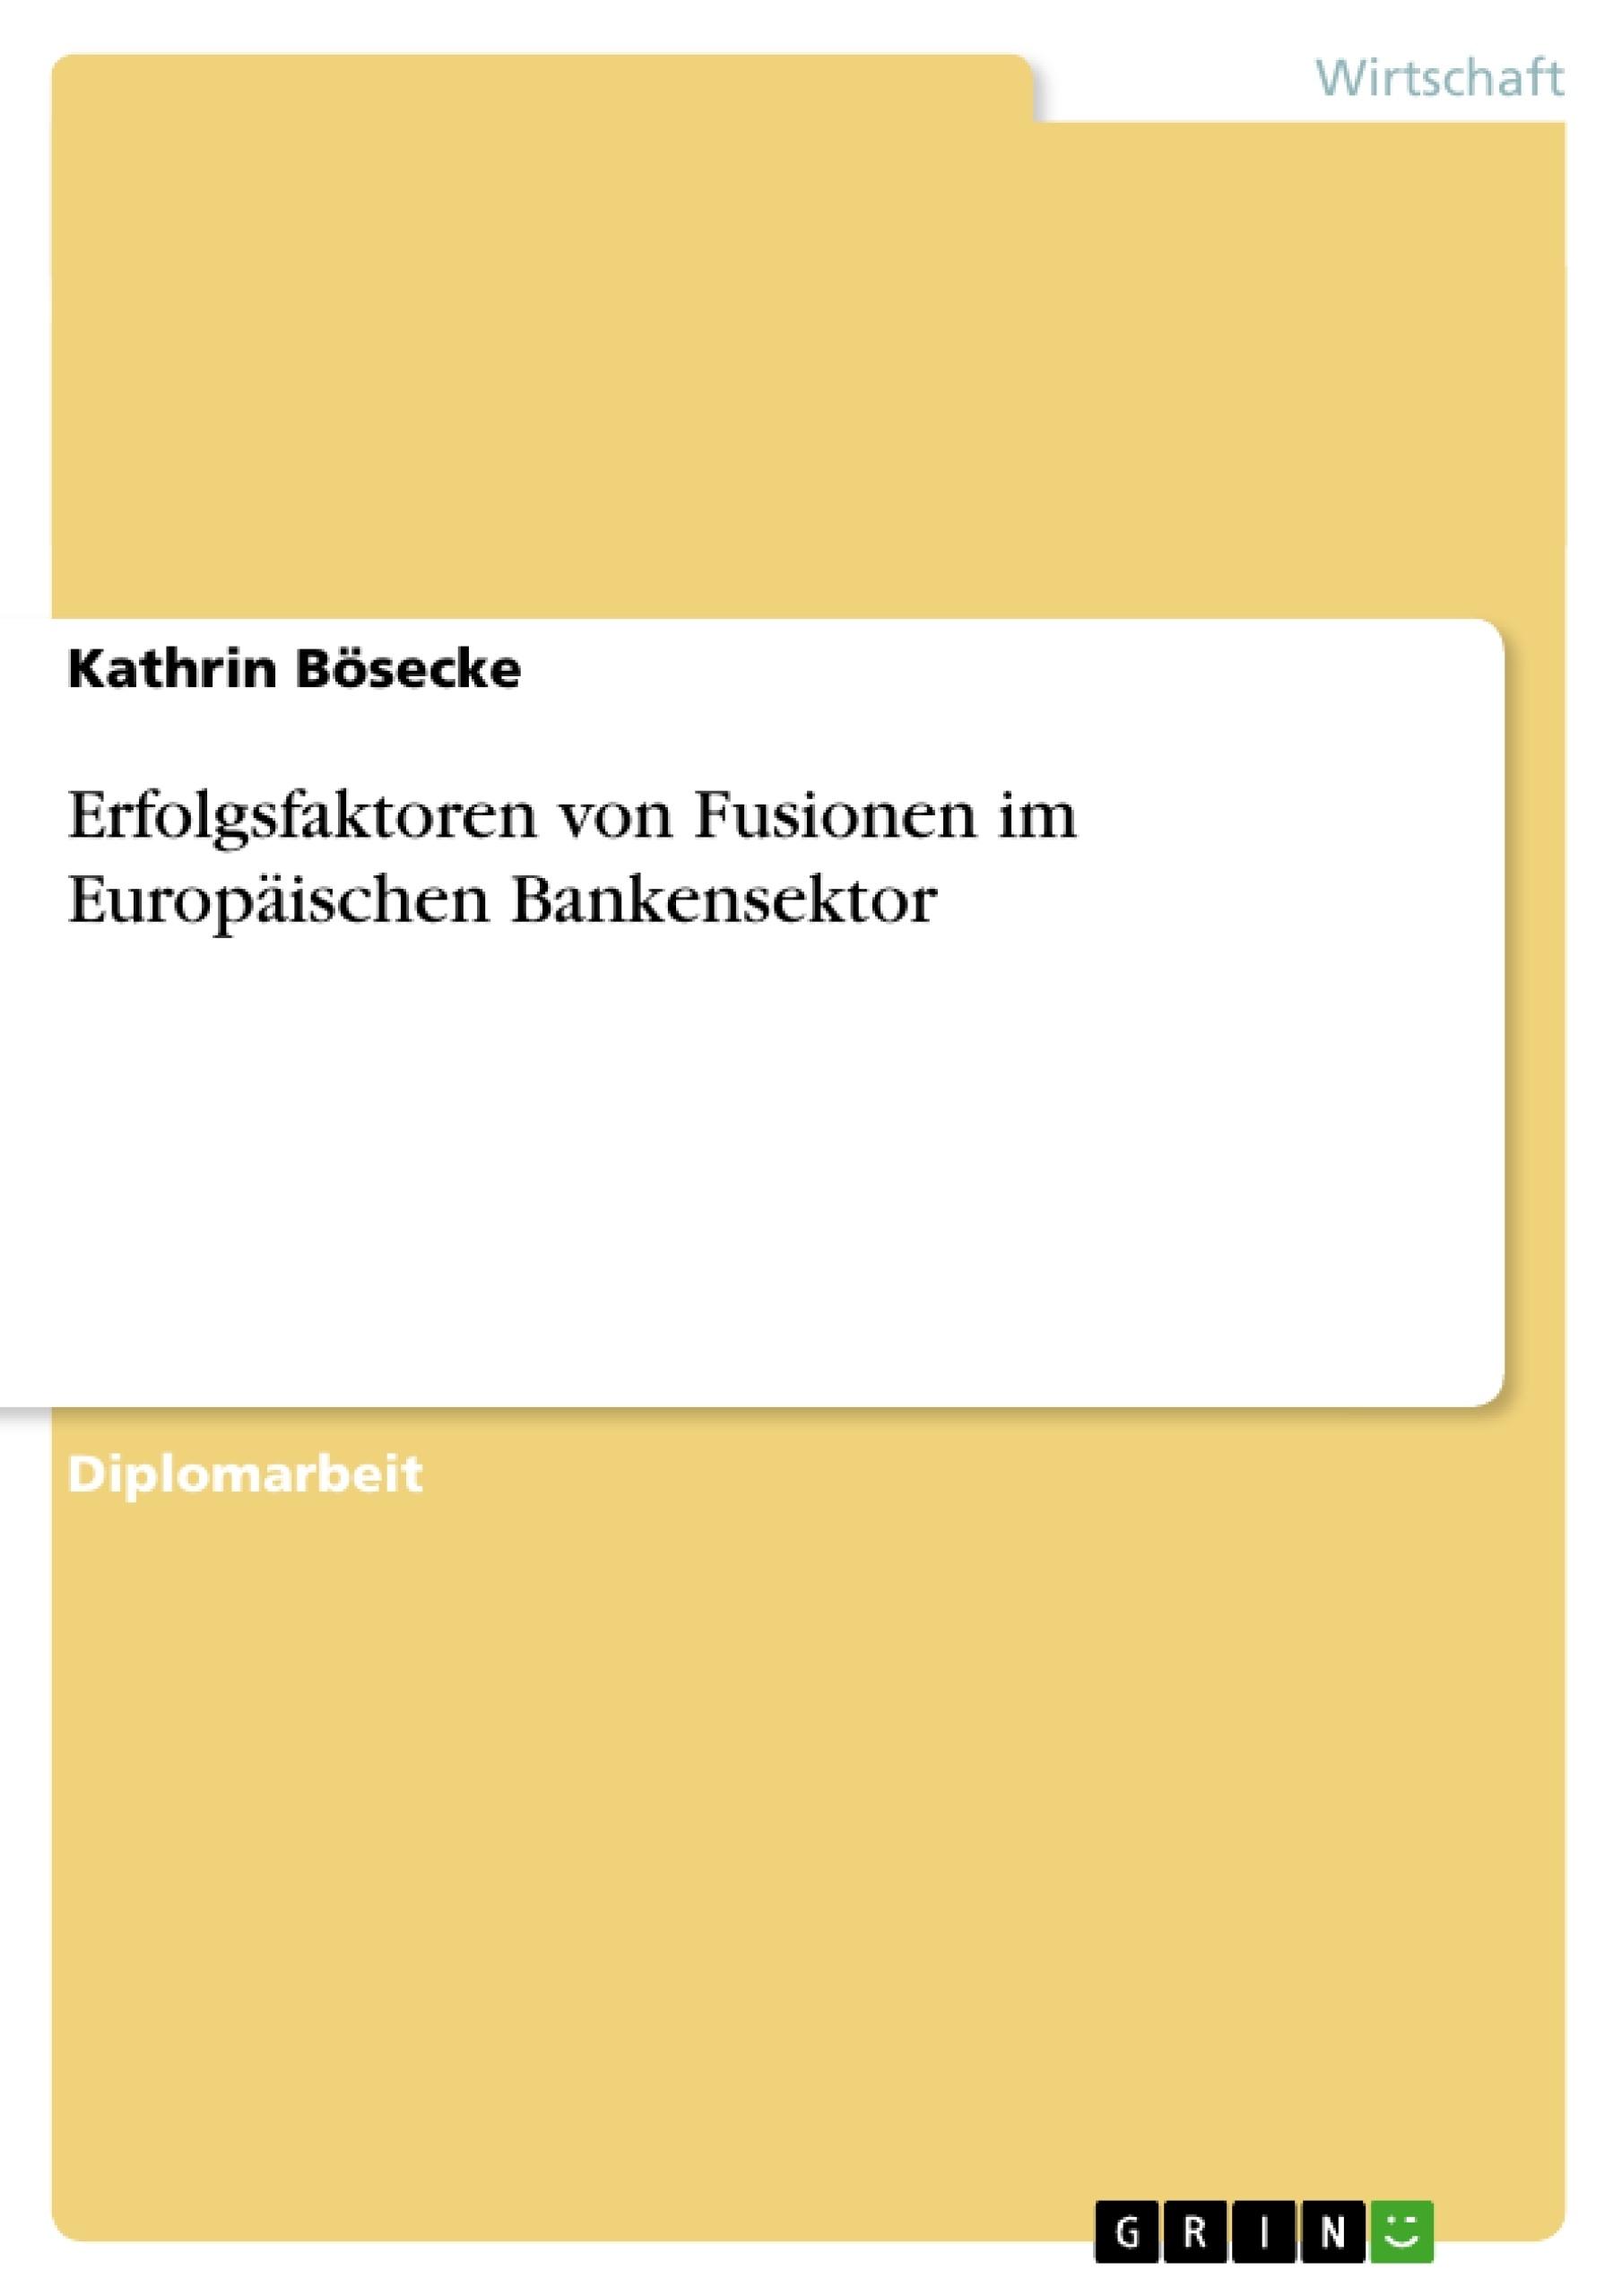 Titel: Erfolgsfaktoren von Fusionen im Europäischen Bankensektor